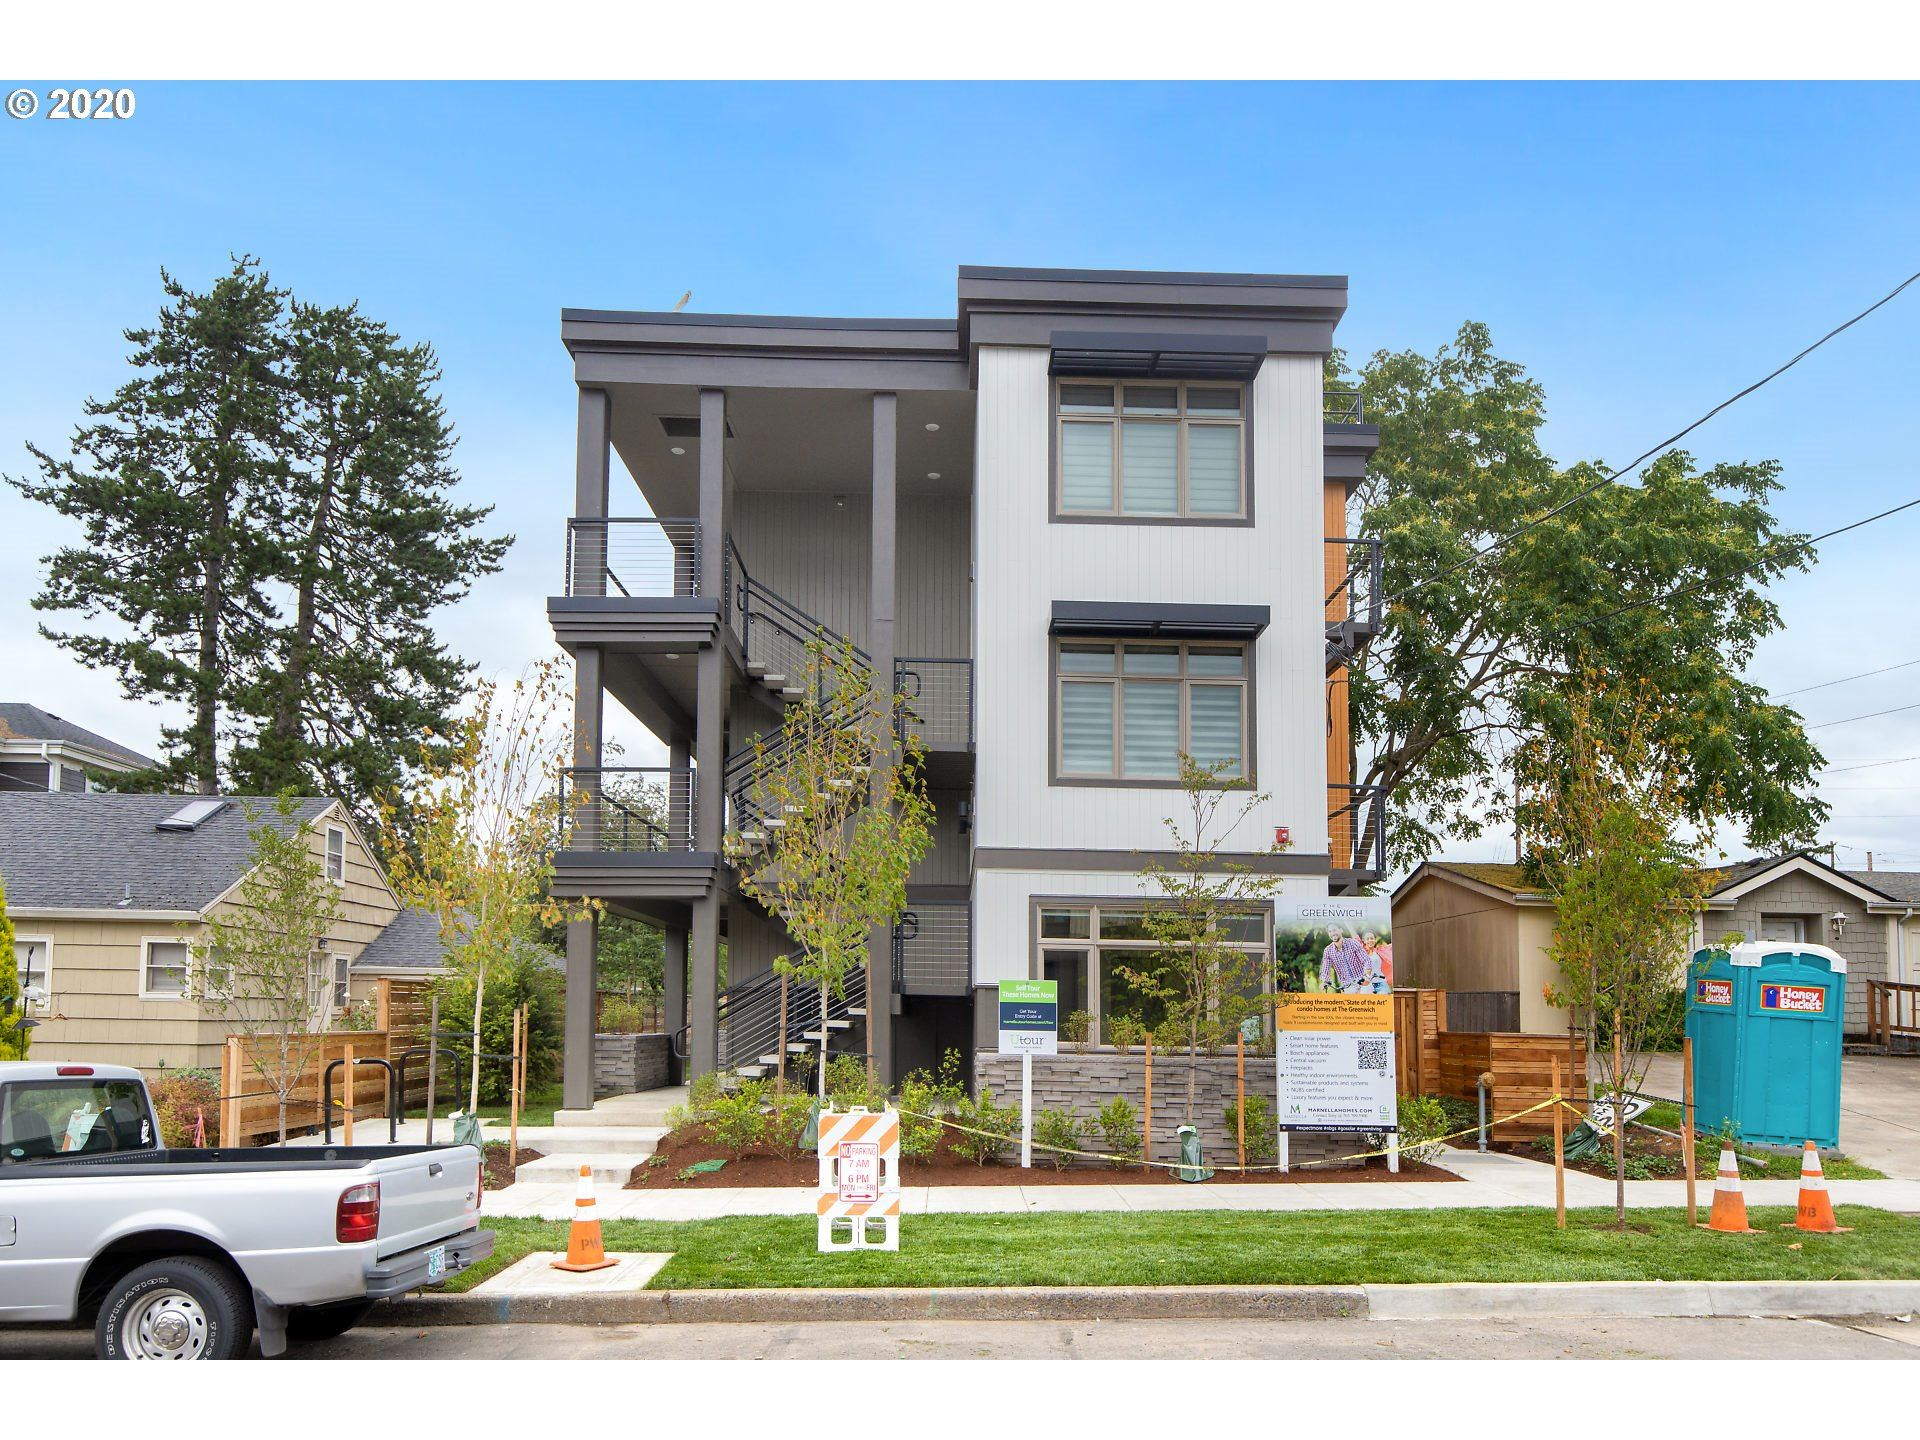 6822 Greenwich #206, Portland, OR 97217 - MLS#: 20135553